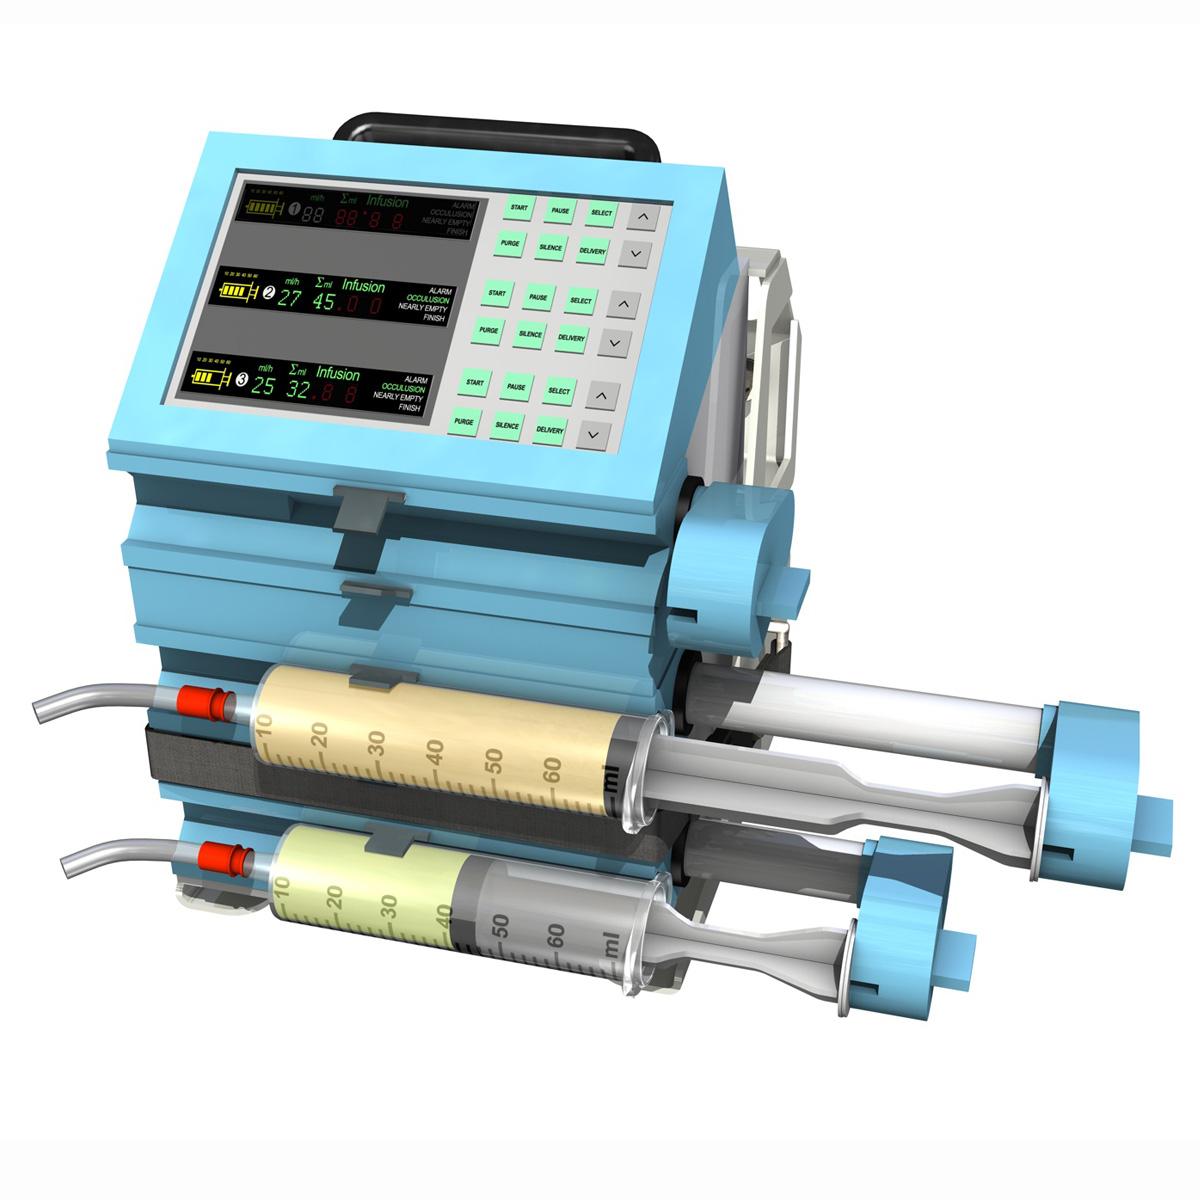 triple channel syringe pump 3d model 3ds c4d lwo obj 264199